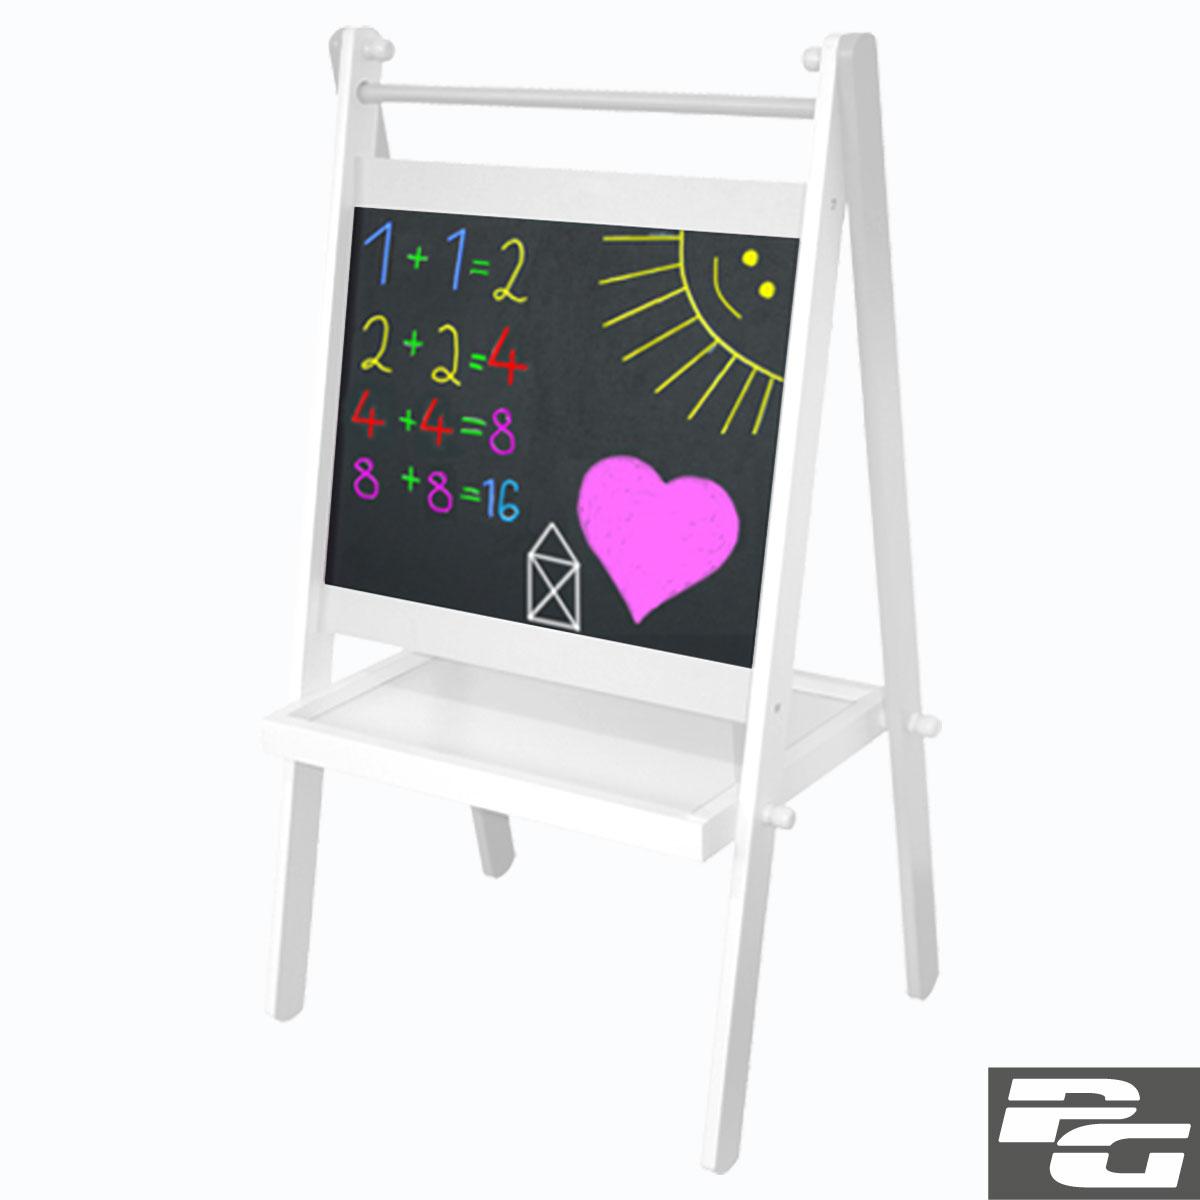 standtafel kindertafel maltafel holz magnet tafel kreide. Black Bedroom Furniture Sets. Home Design Ideas